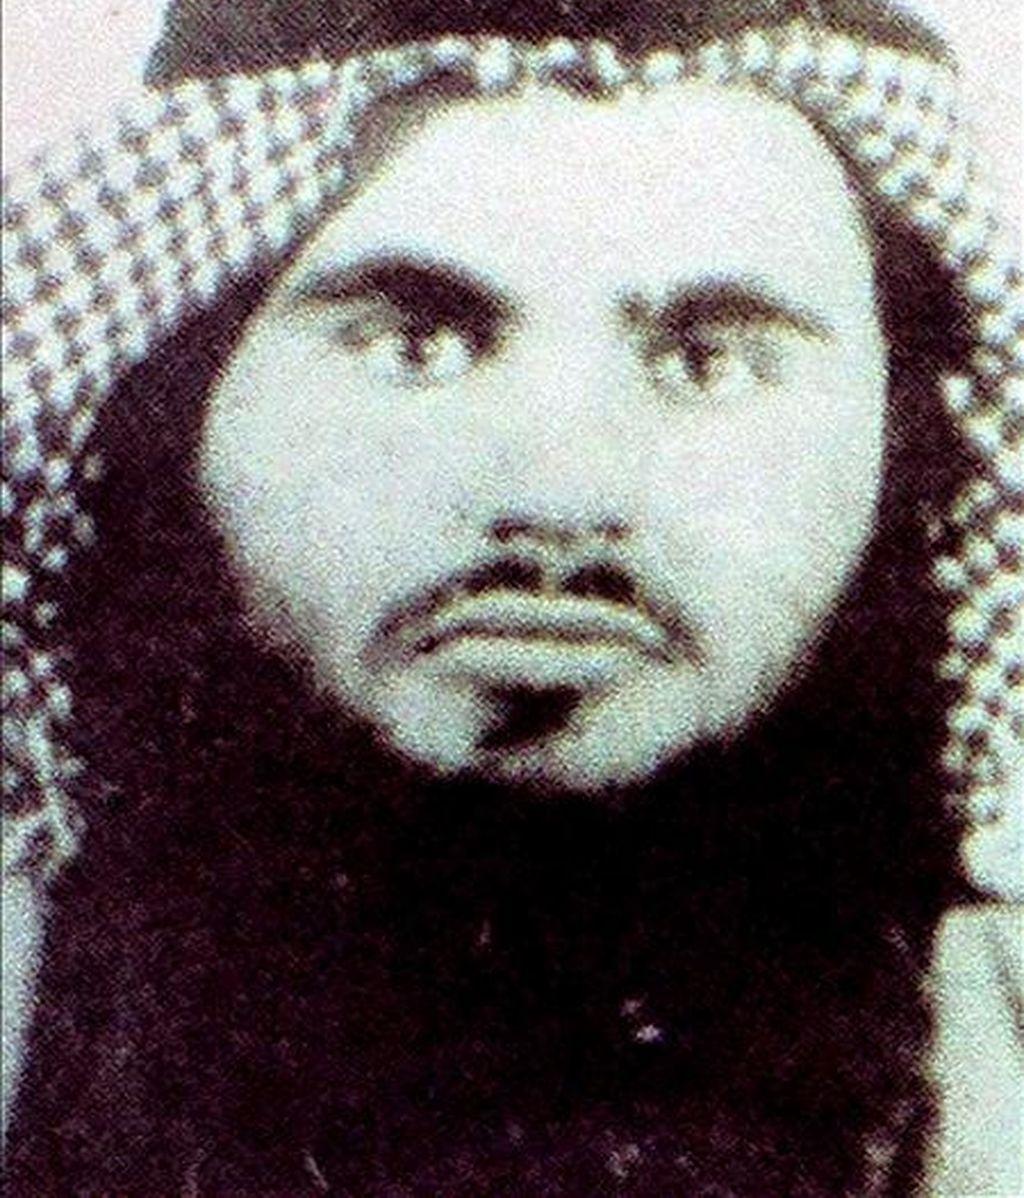 Fotografía de archivo sin fechar facilitada por las autoridades jordanas el 21 de junio de 2008 que muestra a Omar abu Omar, también conocido como Abu Qatada, un clérgio musulmán radical. EFE/Archivo